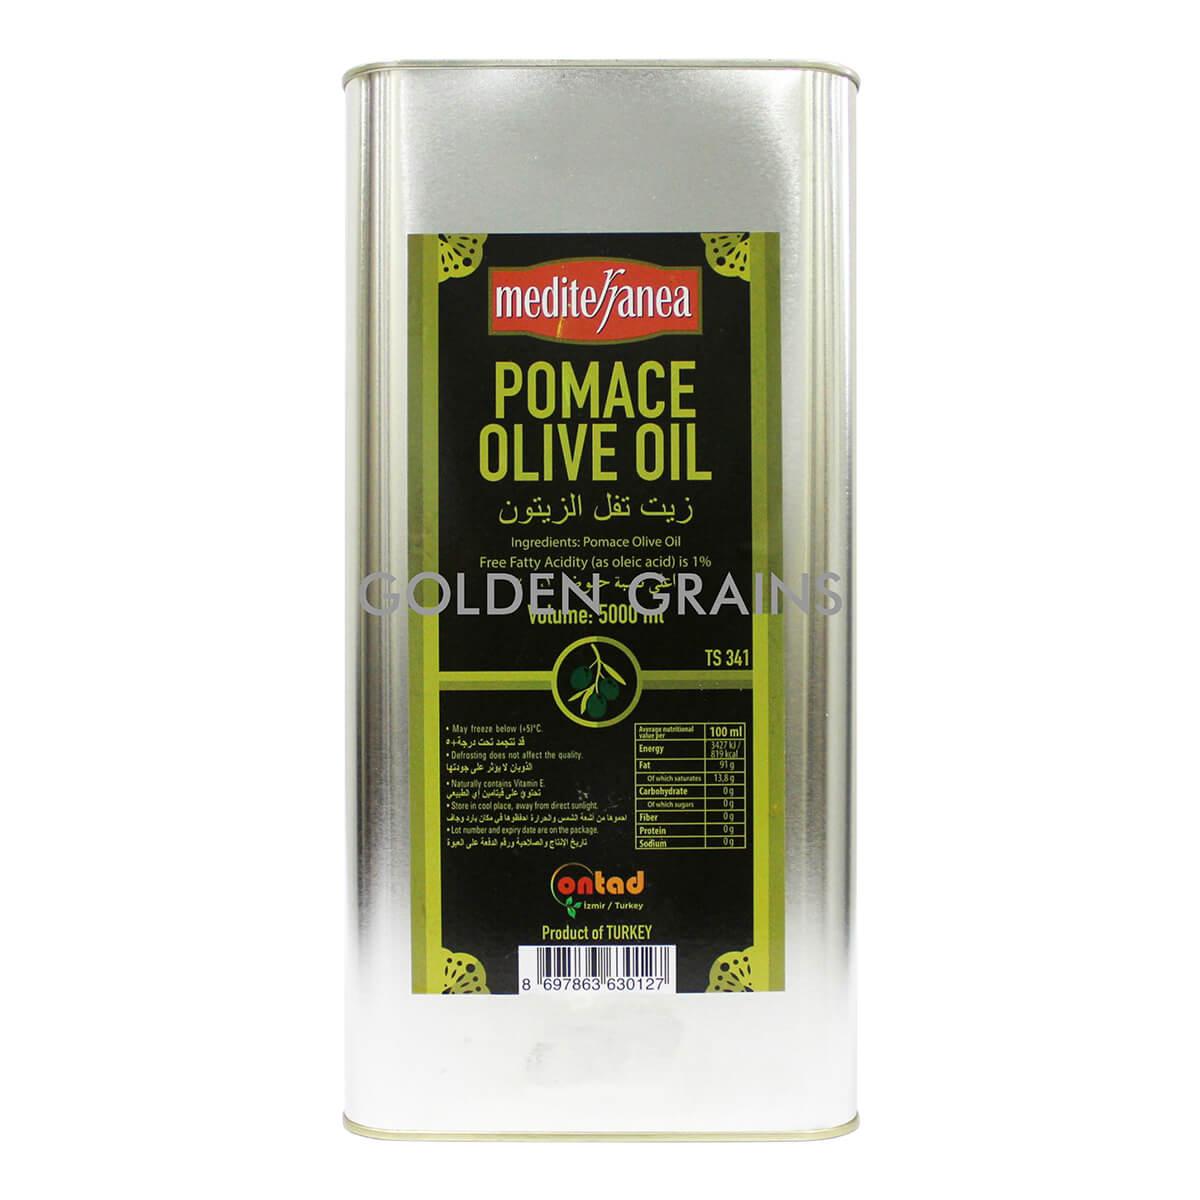 Golden Grains Mediterranea - Pomace Oil - Front.jpg